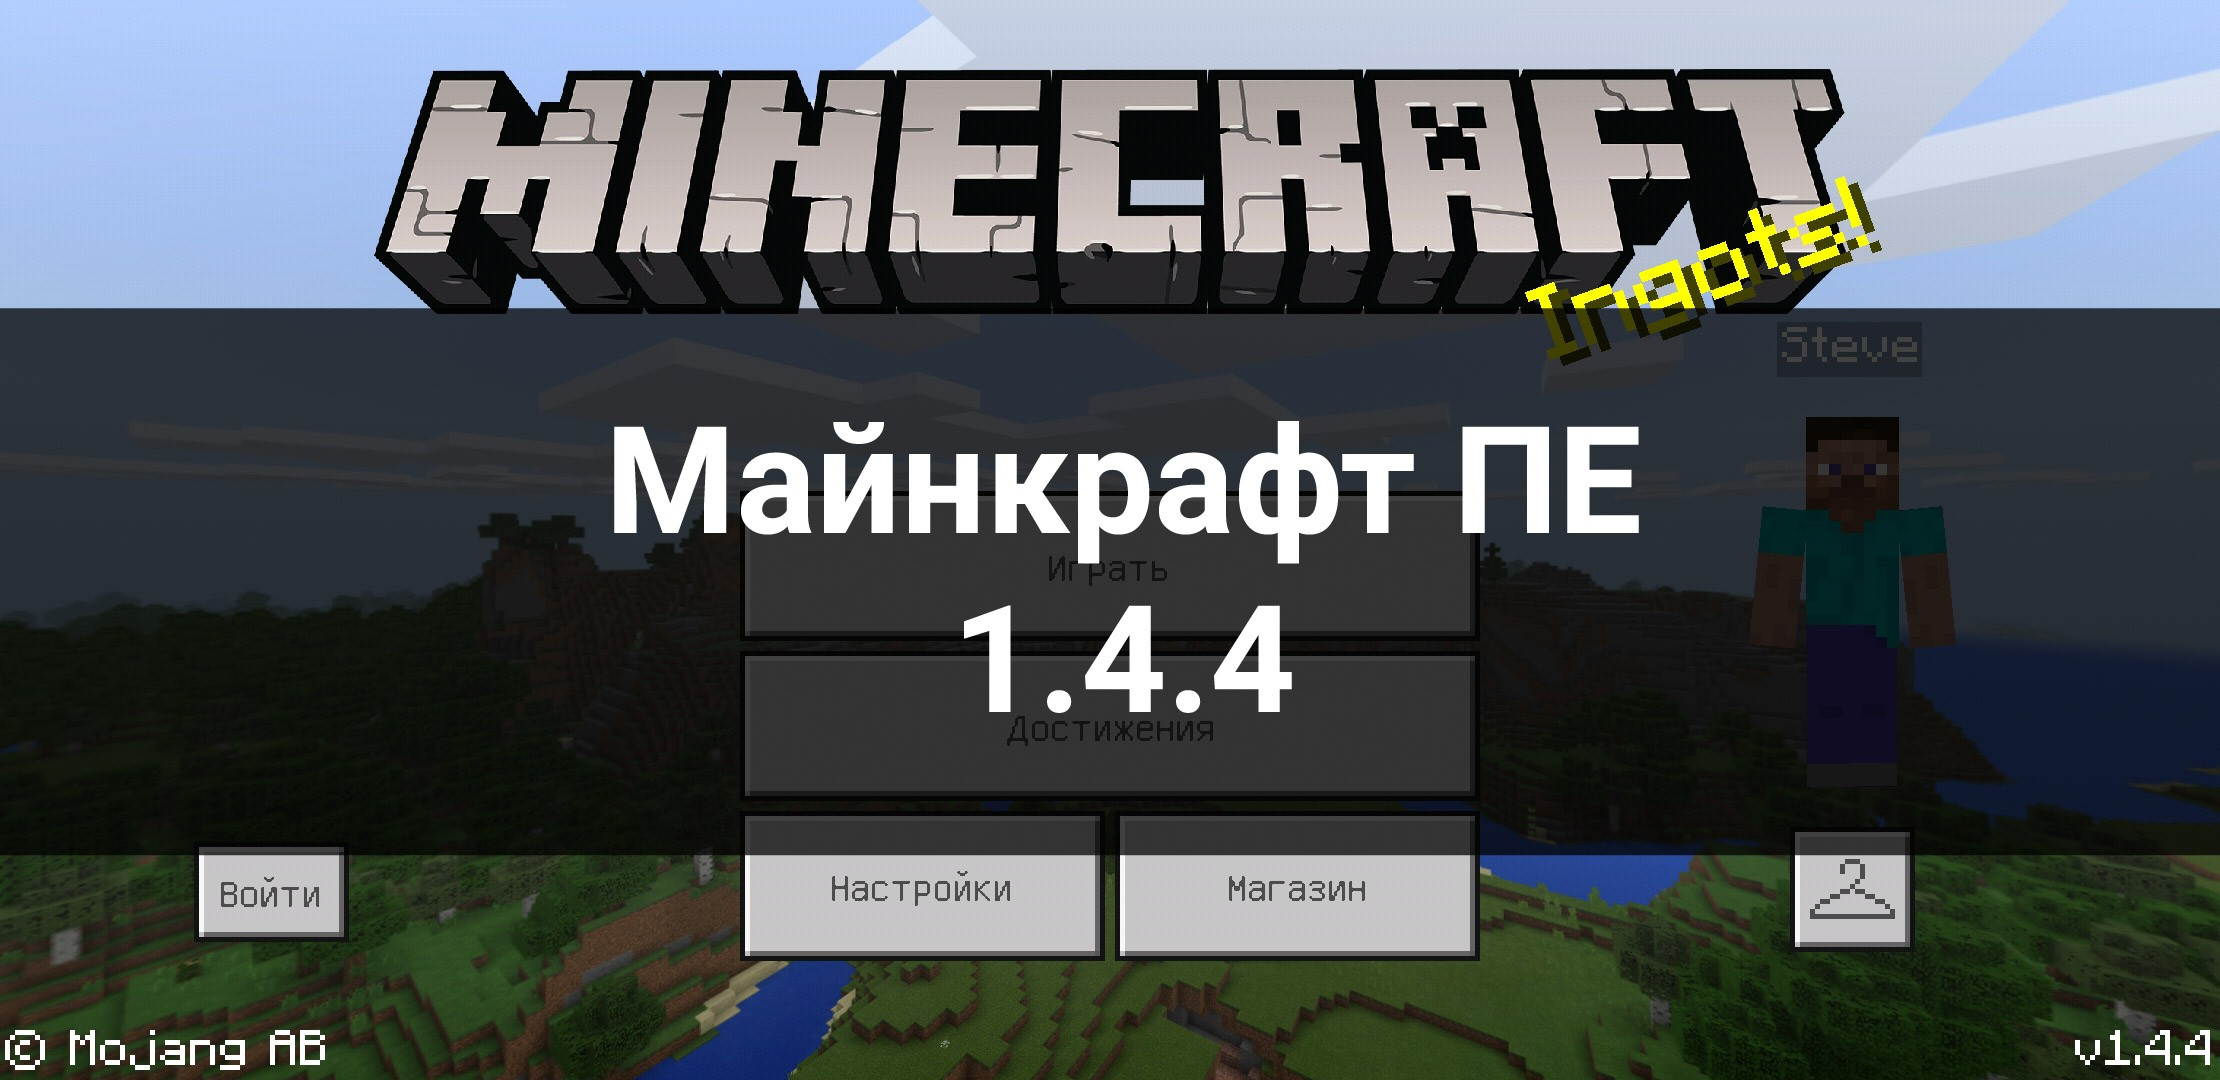 Скачать Майнкрафт ПЕ 1.4.4